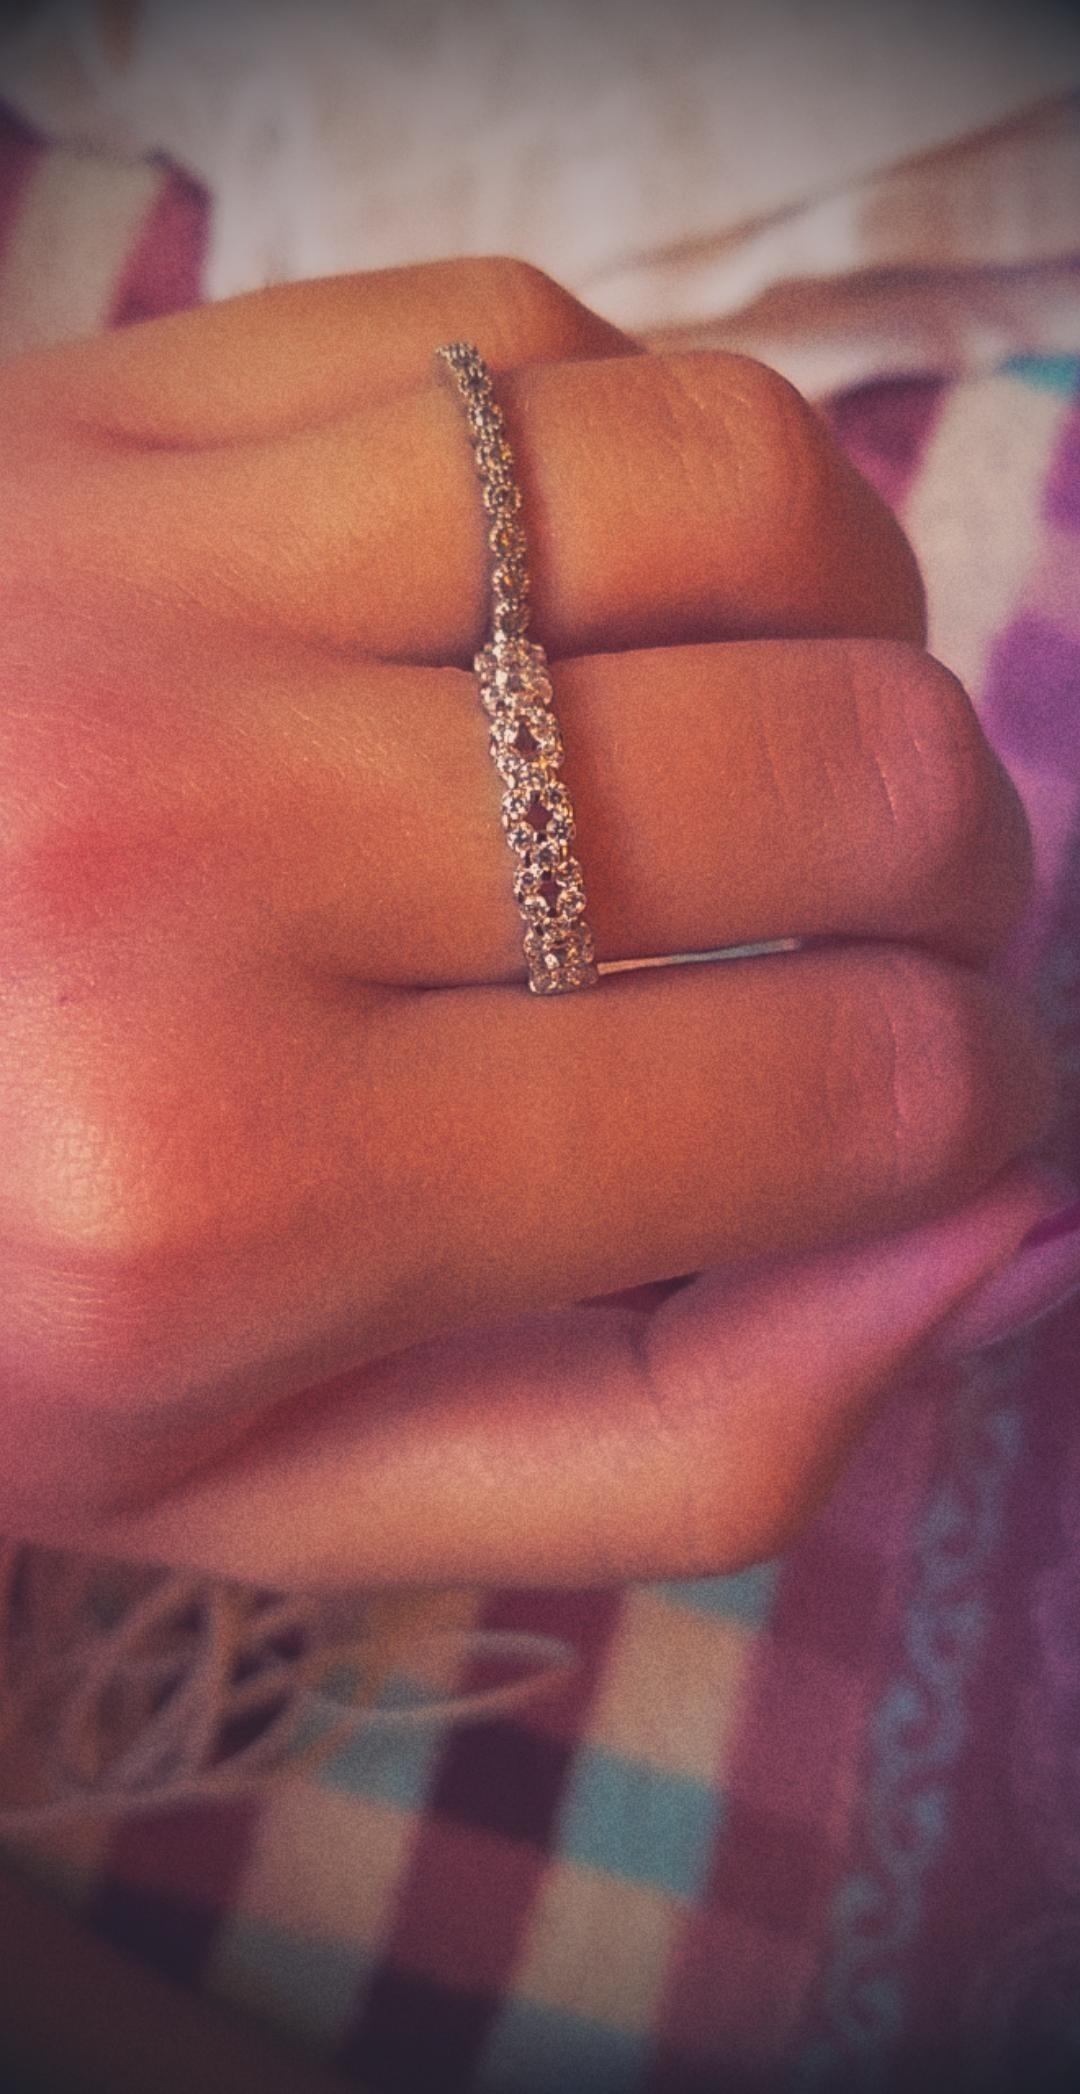 Очень красивое кольцо 🥰😍